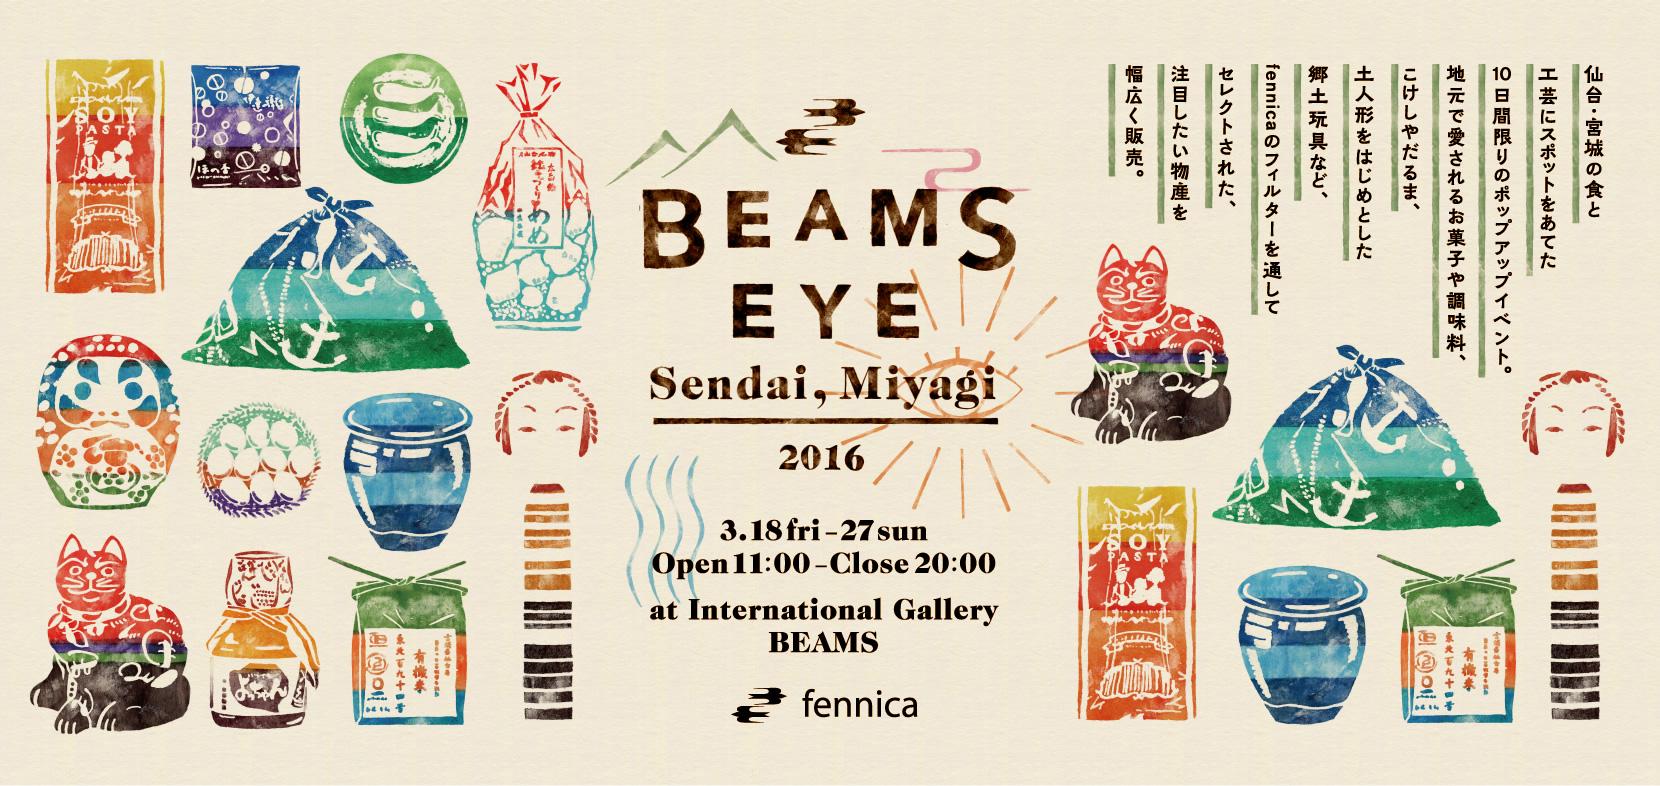 BEAMS EYE Sendai,Miyagi 2016タイトル